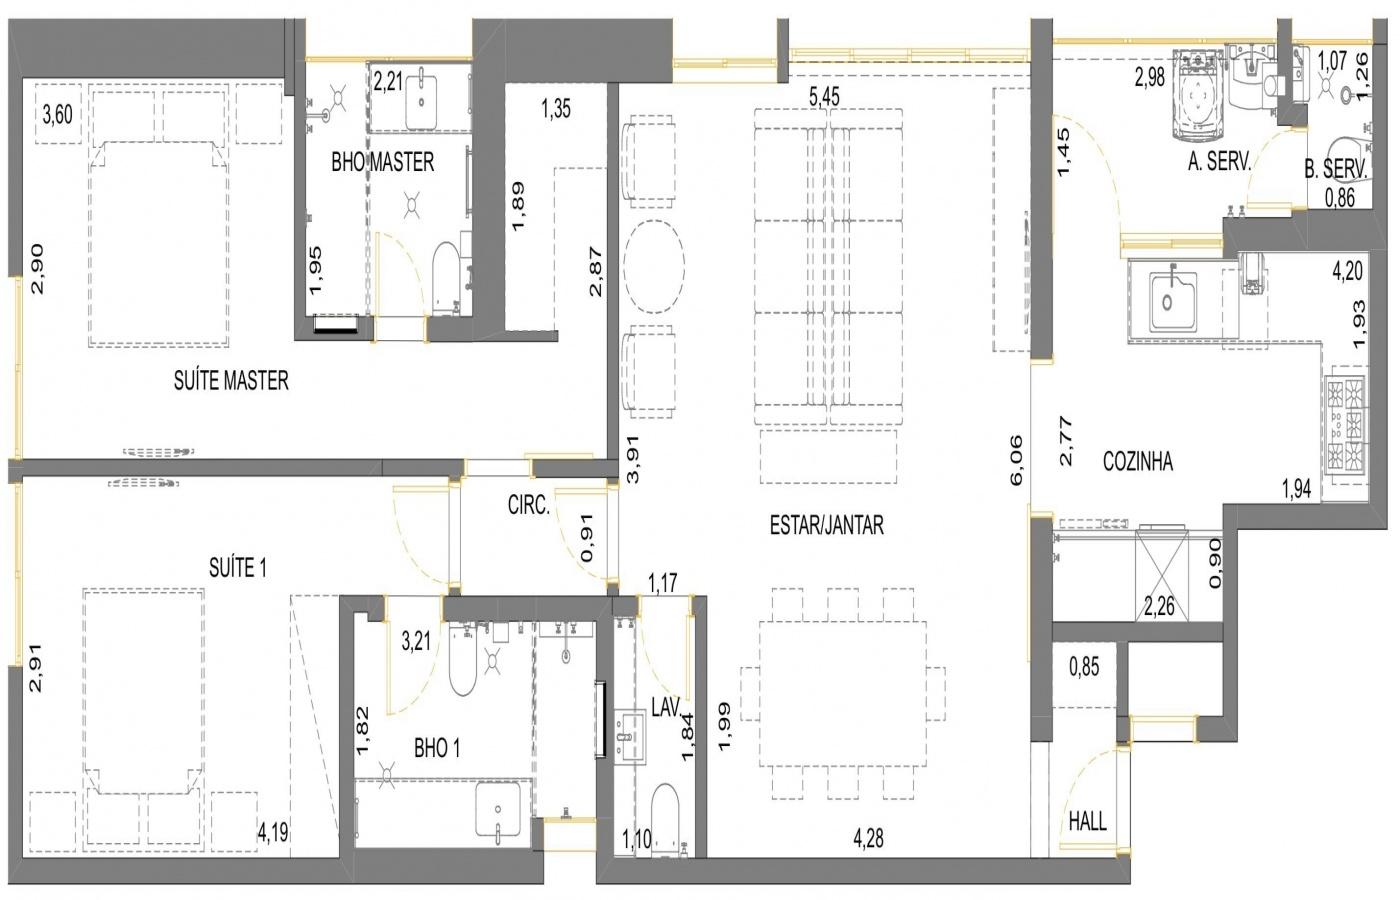 294 Rua Jesuíno Arruda, 04532080, São Paulo, 2 Bedrooms Bedrooms, ,2 BathroomsBathrooms,Apartamento,Vendas,Edifício Ibirá,Rua Jesuíno Arruda,2,1022